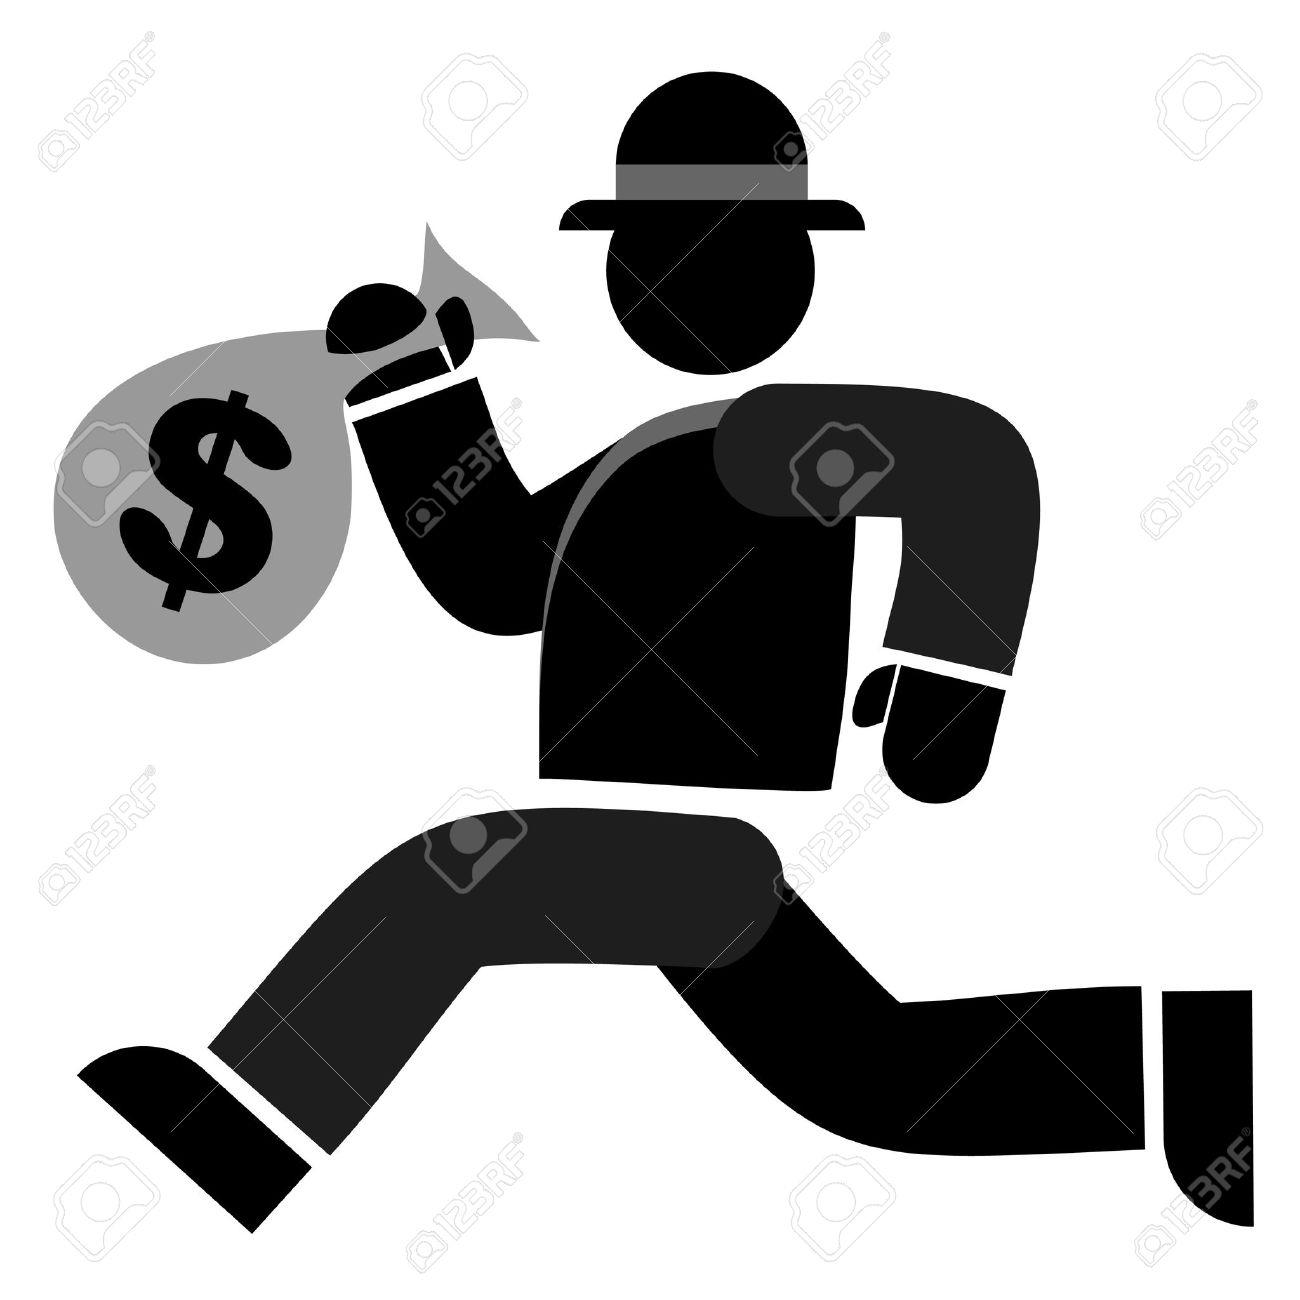 Stealing Money Clipart.